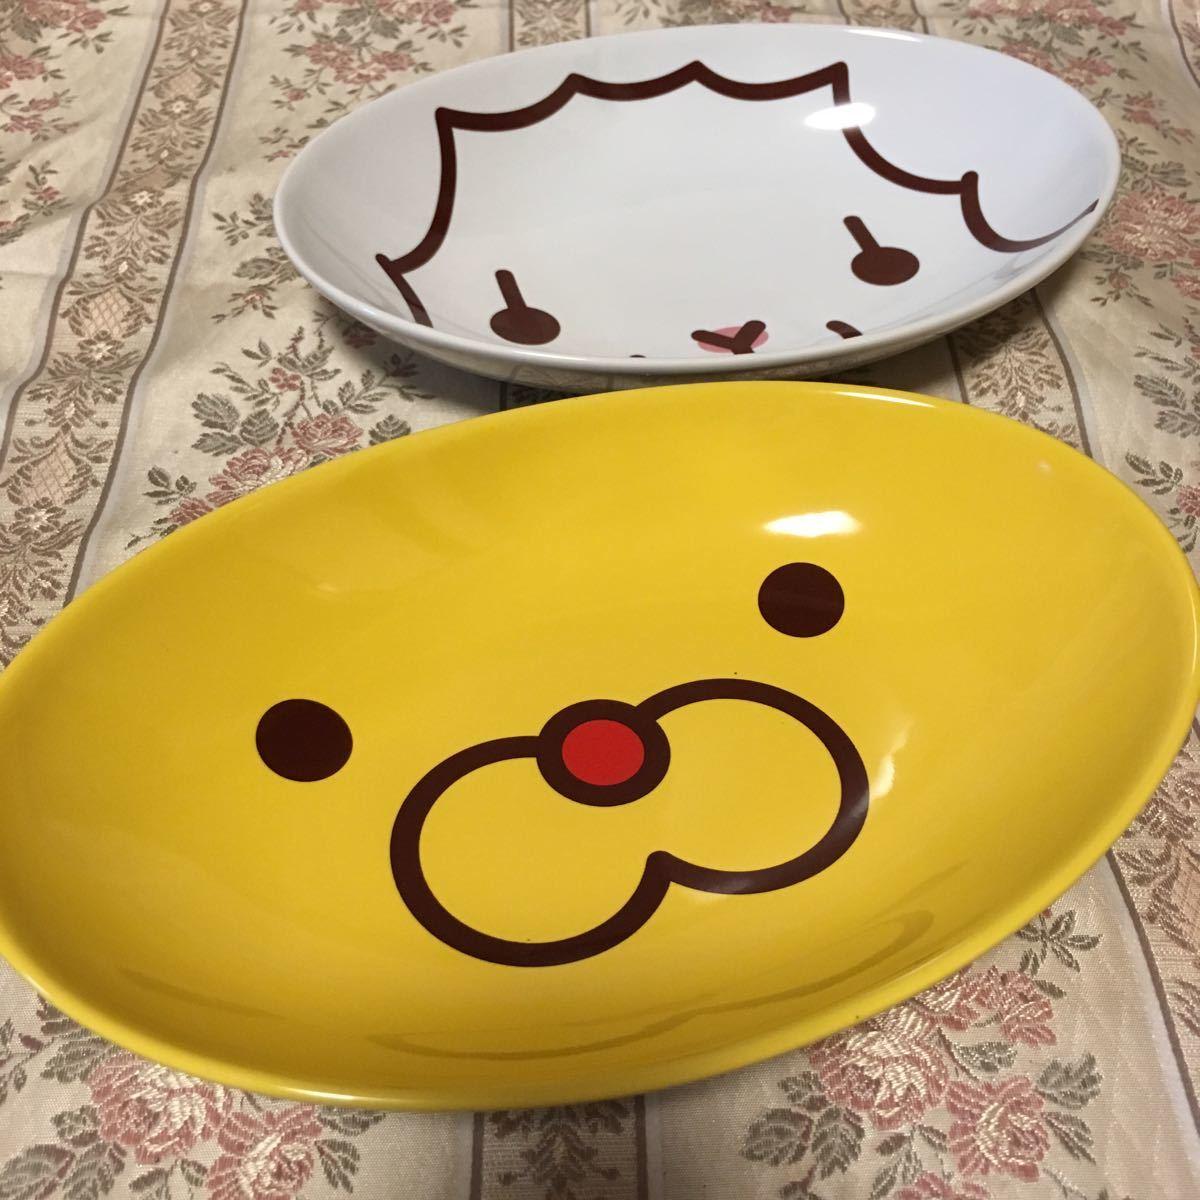 美品★ミスタードーナツ ポンデライオン& フレンチウーラー カレー皿 2枚セット_画像2